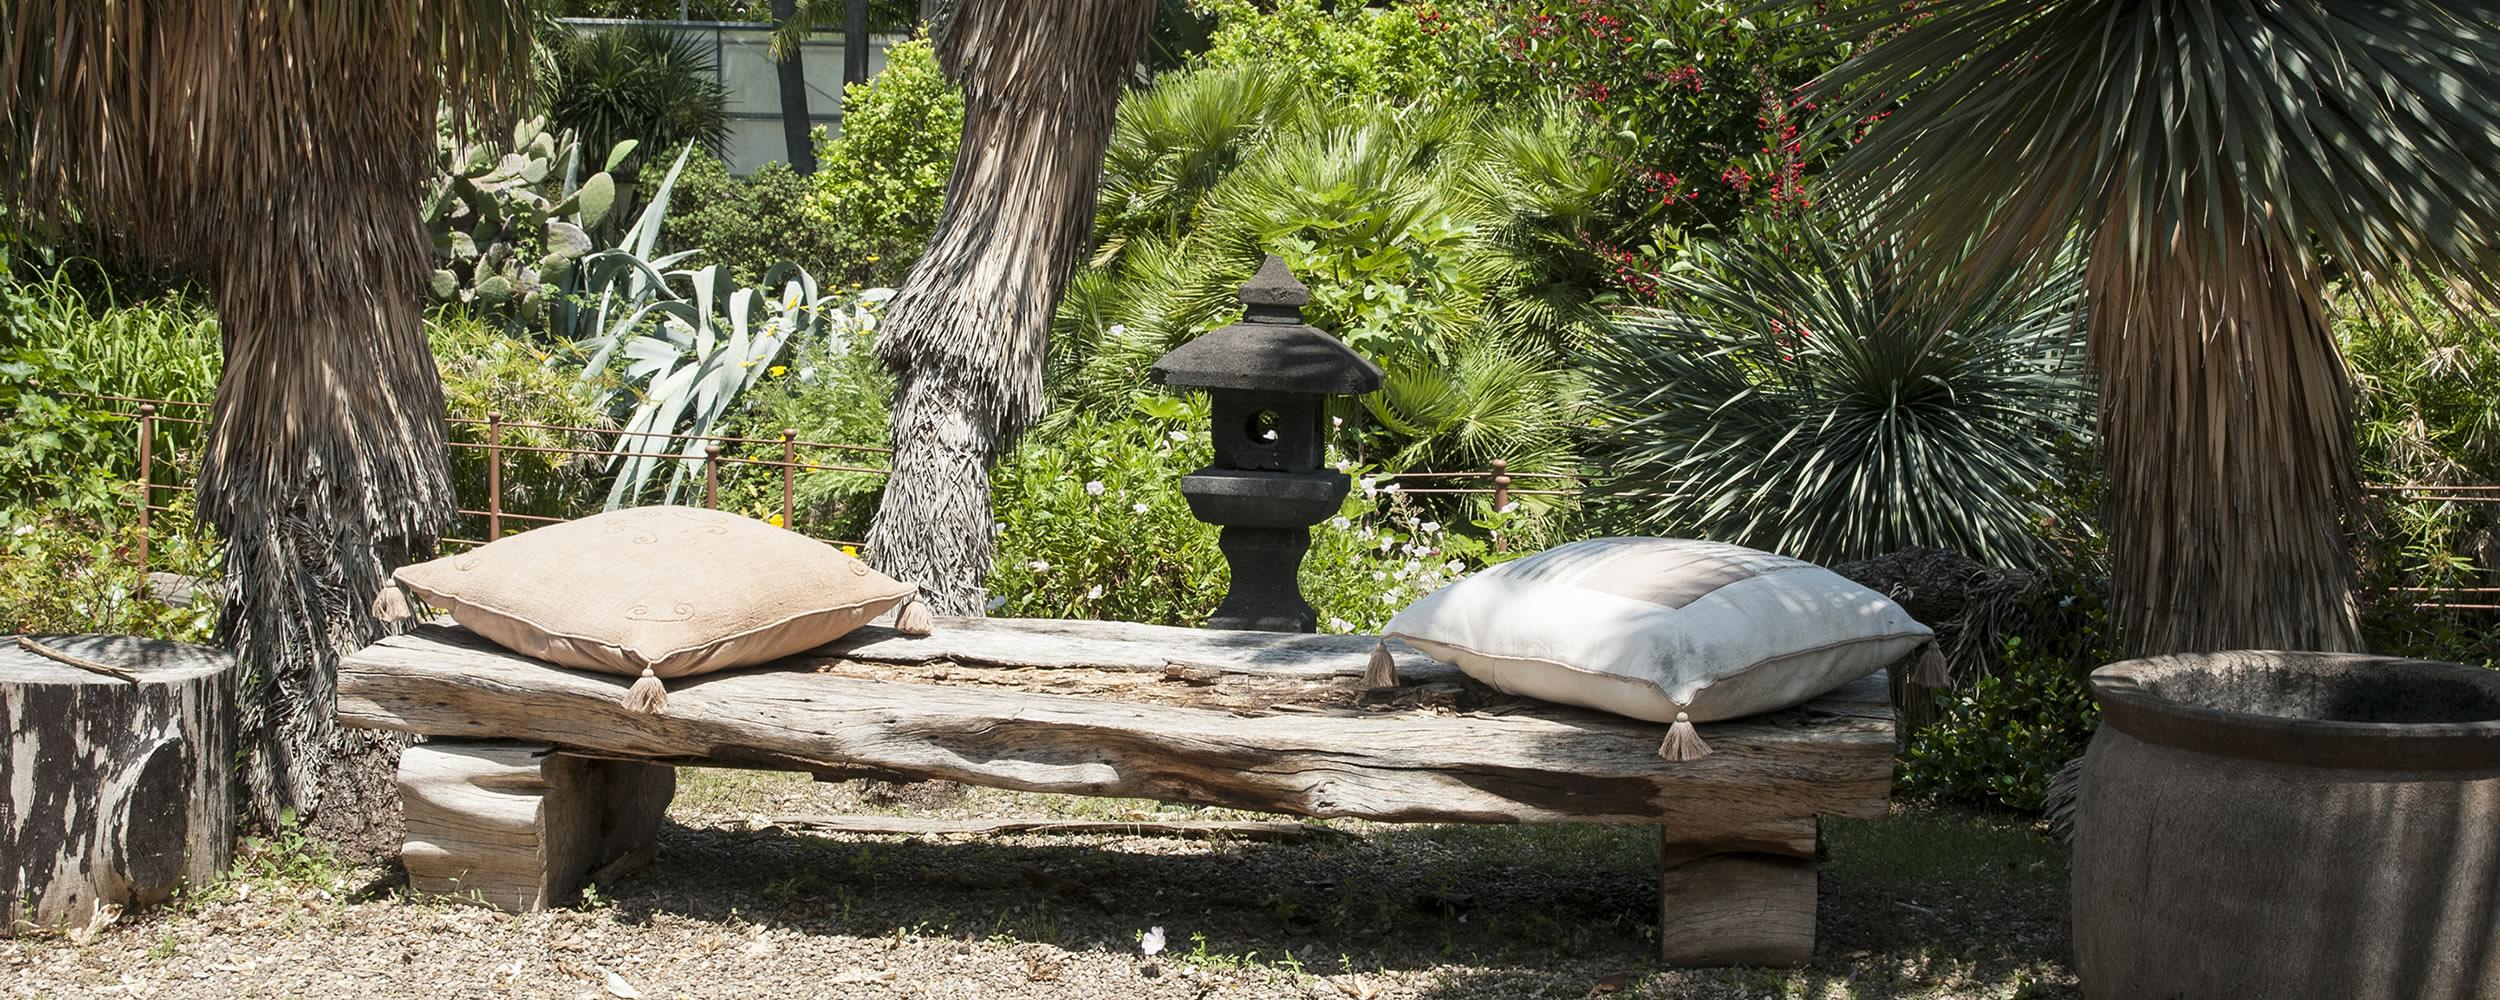 Il giardino dei tempi l 39 orto botanico di bari e maze ristorante lounge bar cafe 39 eventi e - L orto in giardino ...